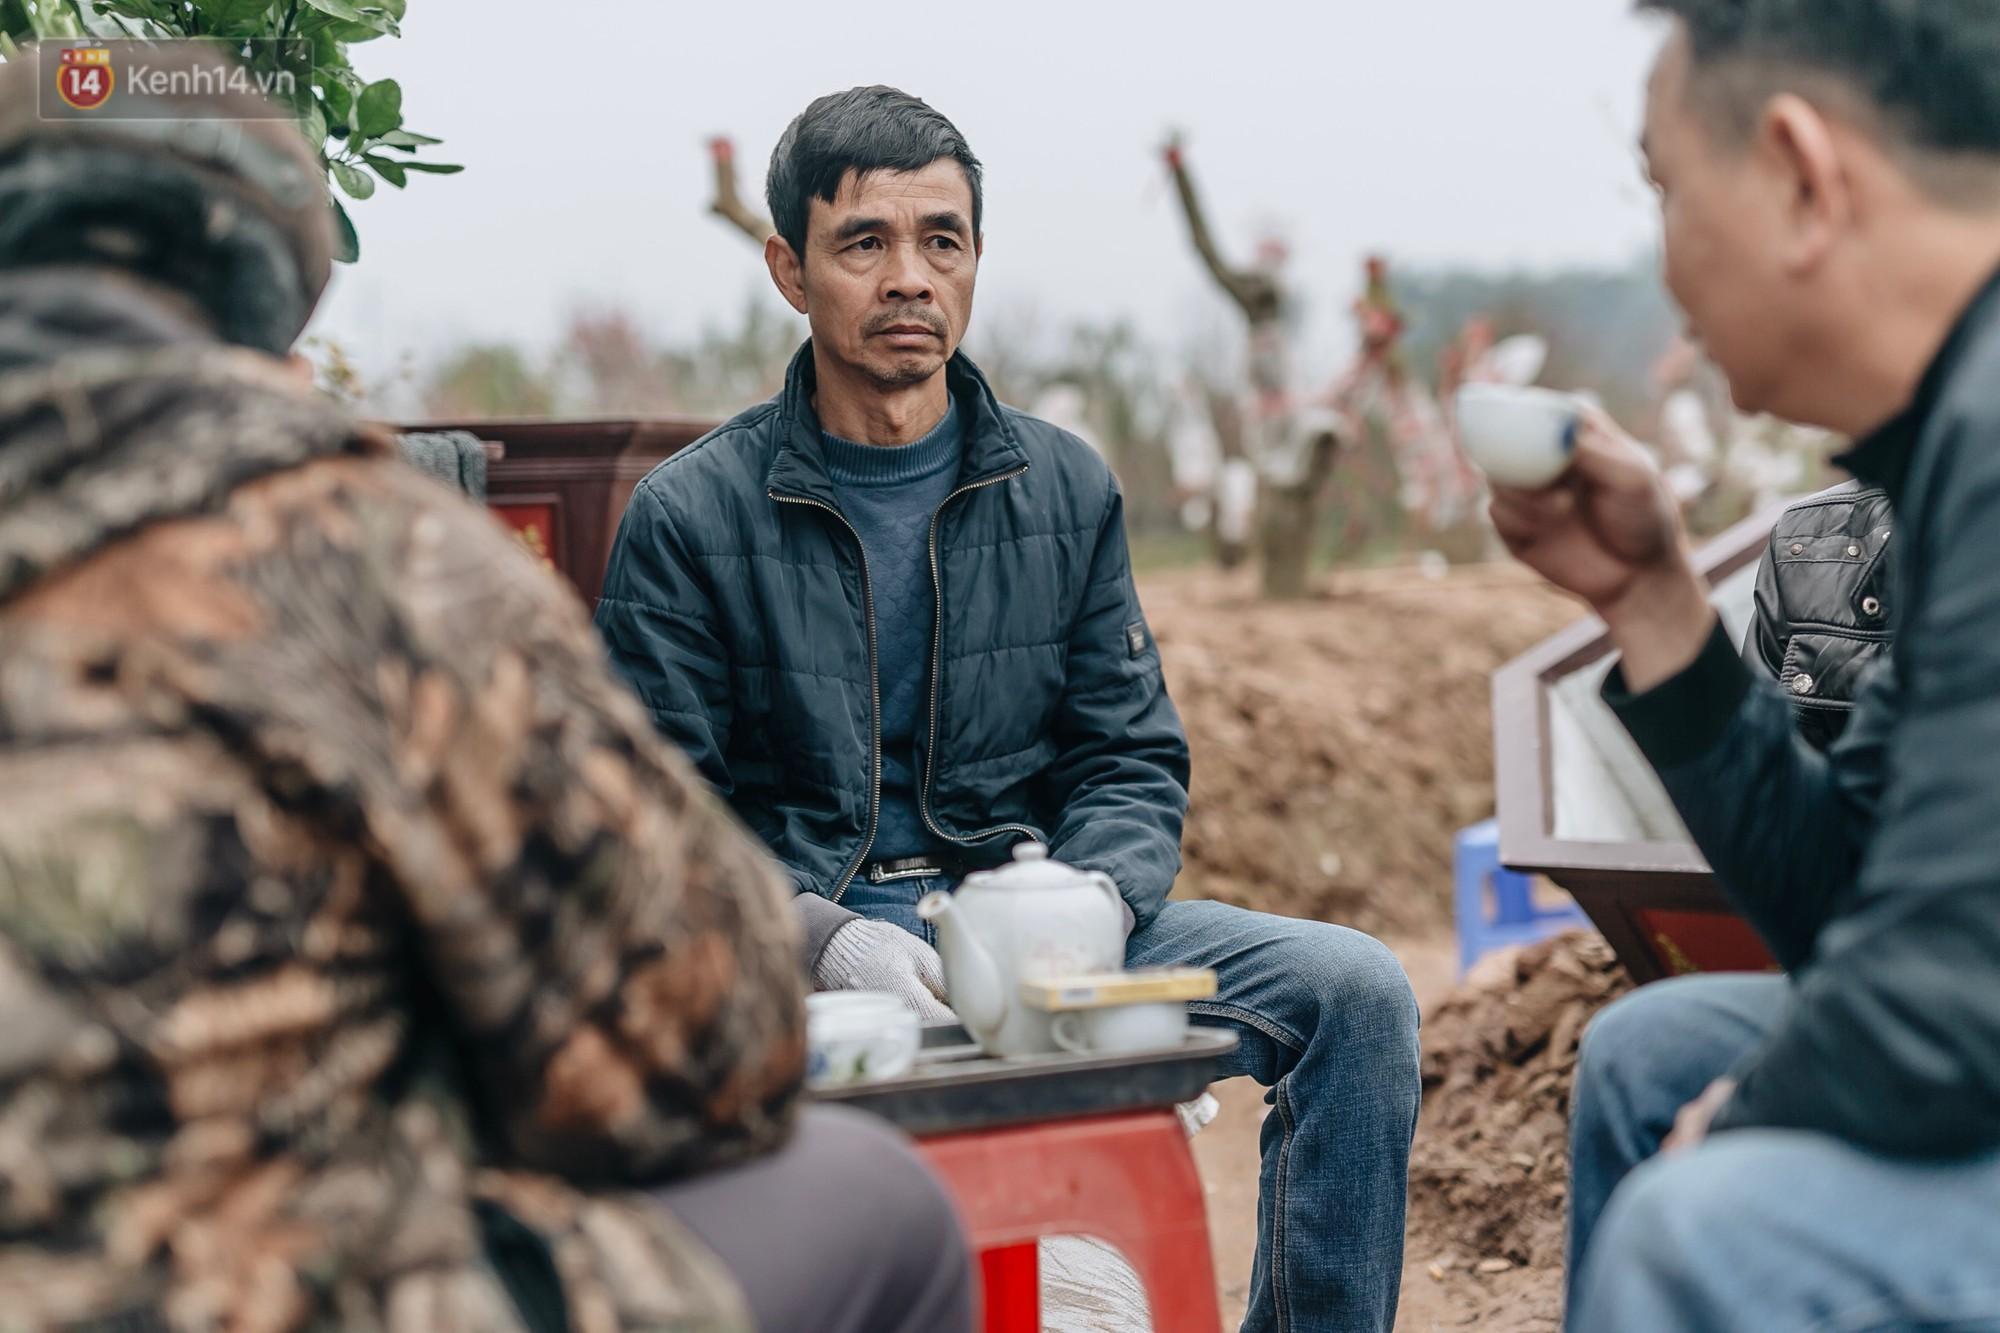 Gần 200 gốc đào của người dân Bắc Ninh bị chặt phá trong đêm: Tết năm nay còn chả có bánh chưng mà ăn - Ảnh 12.